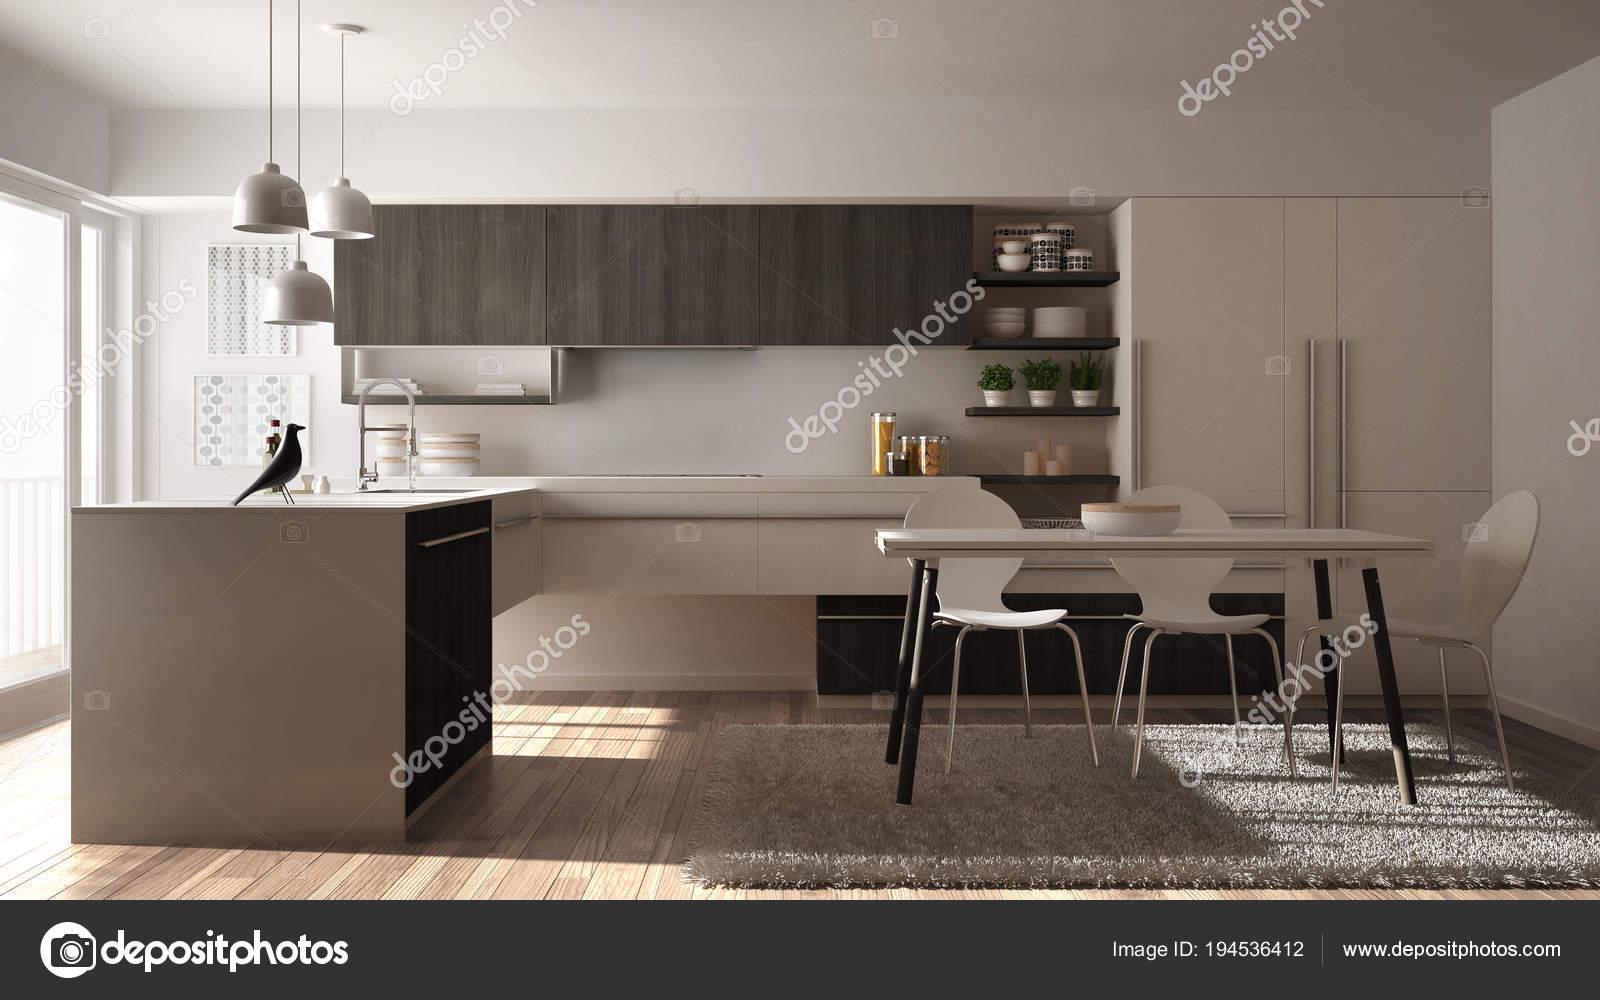 grey kitchen rugs unfinished wall cabinets 现代简约木制厨房配有餐桌 地毯 全景窗 白灰色建筑室内设计 图库照片 白灰色